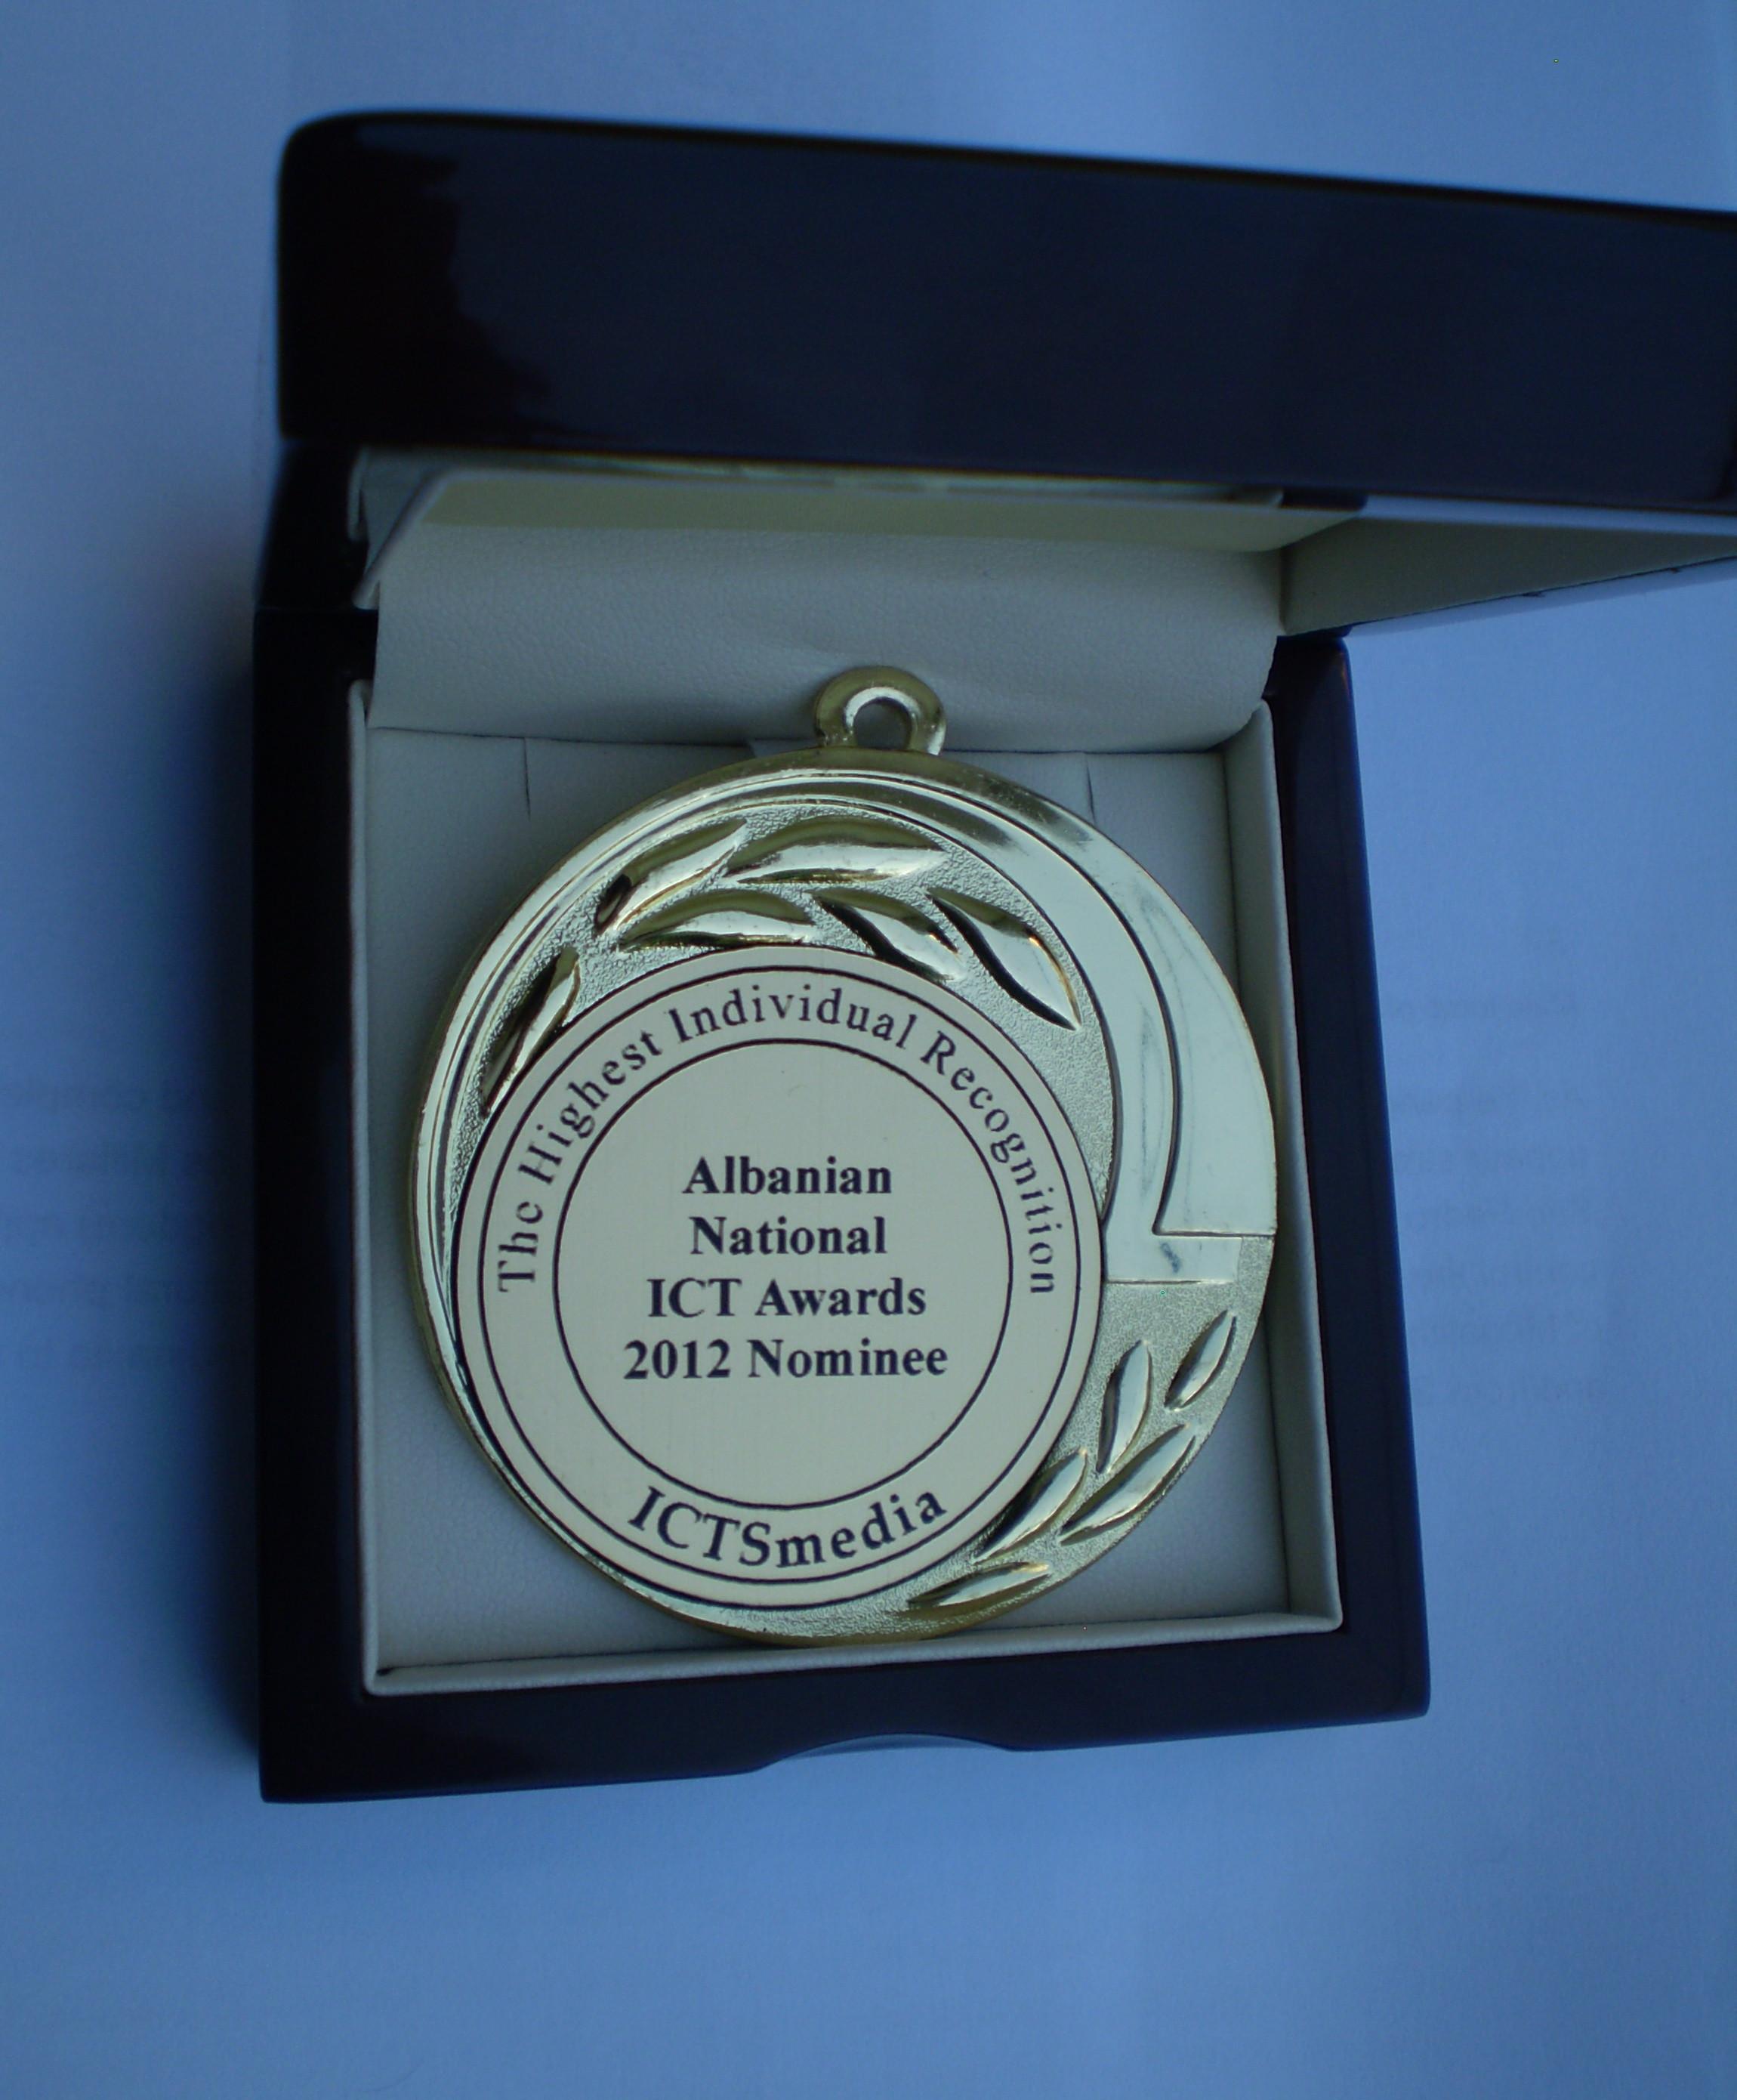 Medalja e fituar ne konkursin e ICT